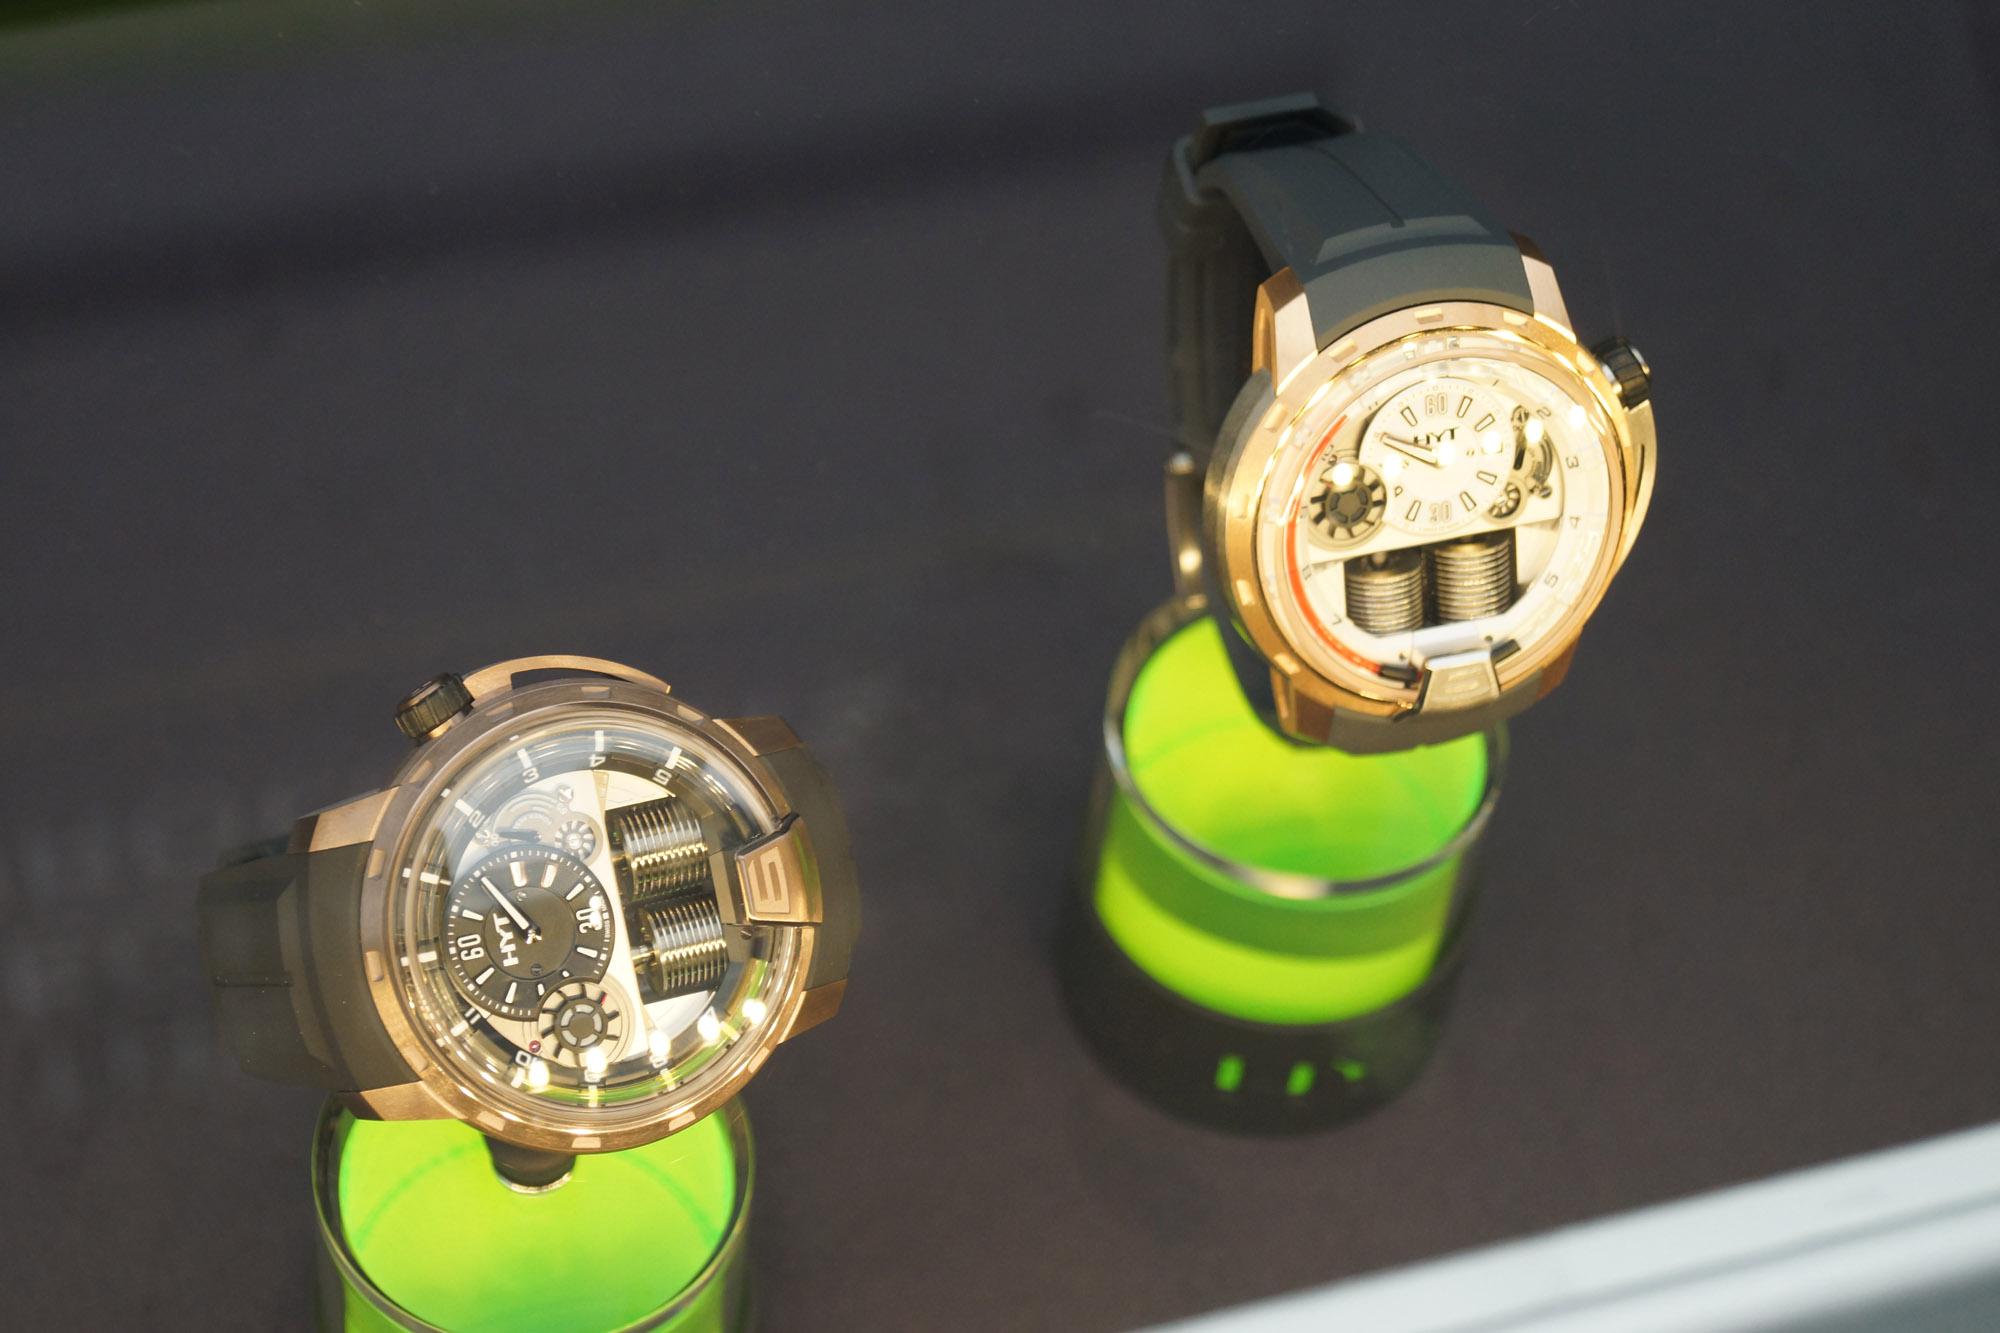 HYT H1 Watches